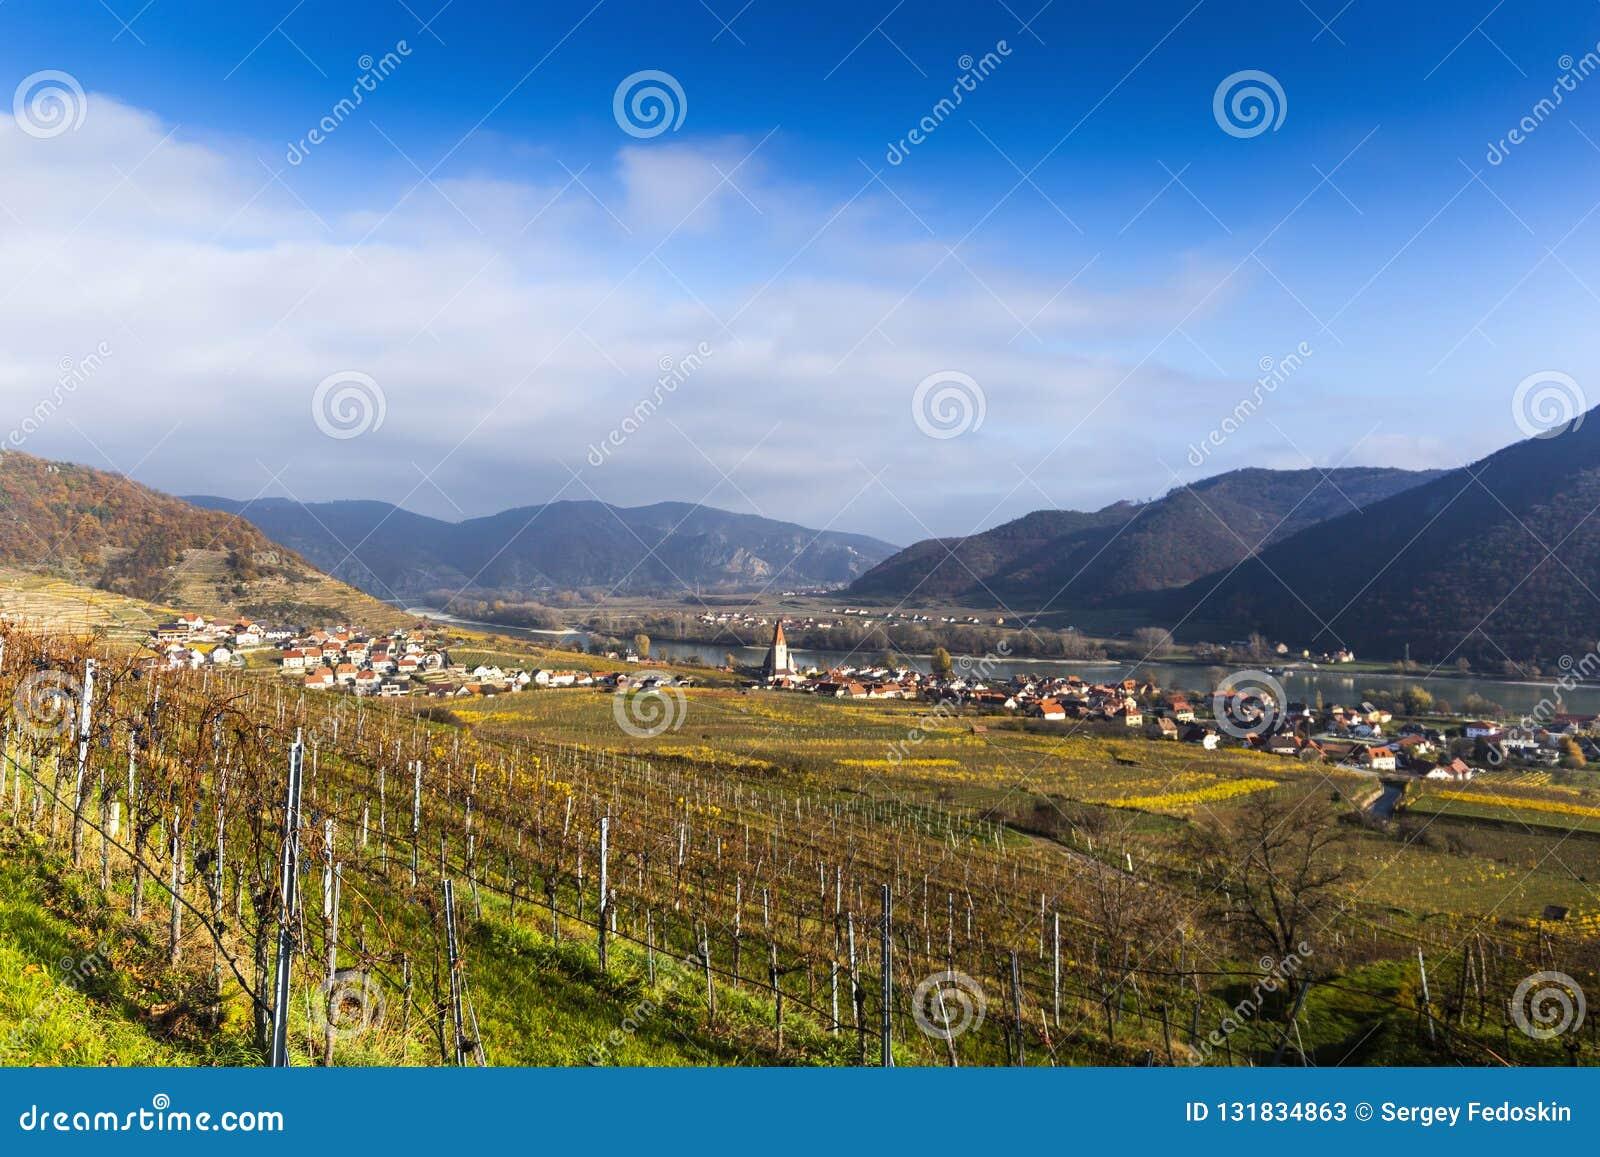 Weissenkirchen. Wachau valley. Lower Austria. Autumn colored leaves and vineyards.